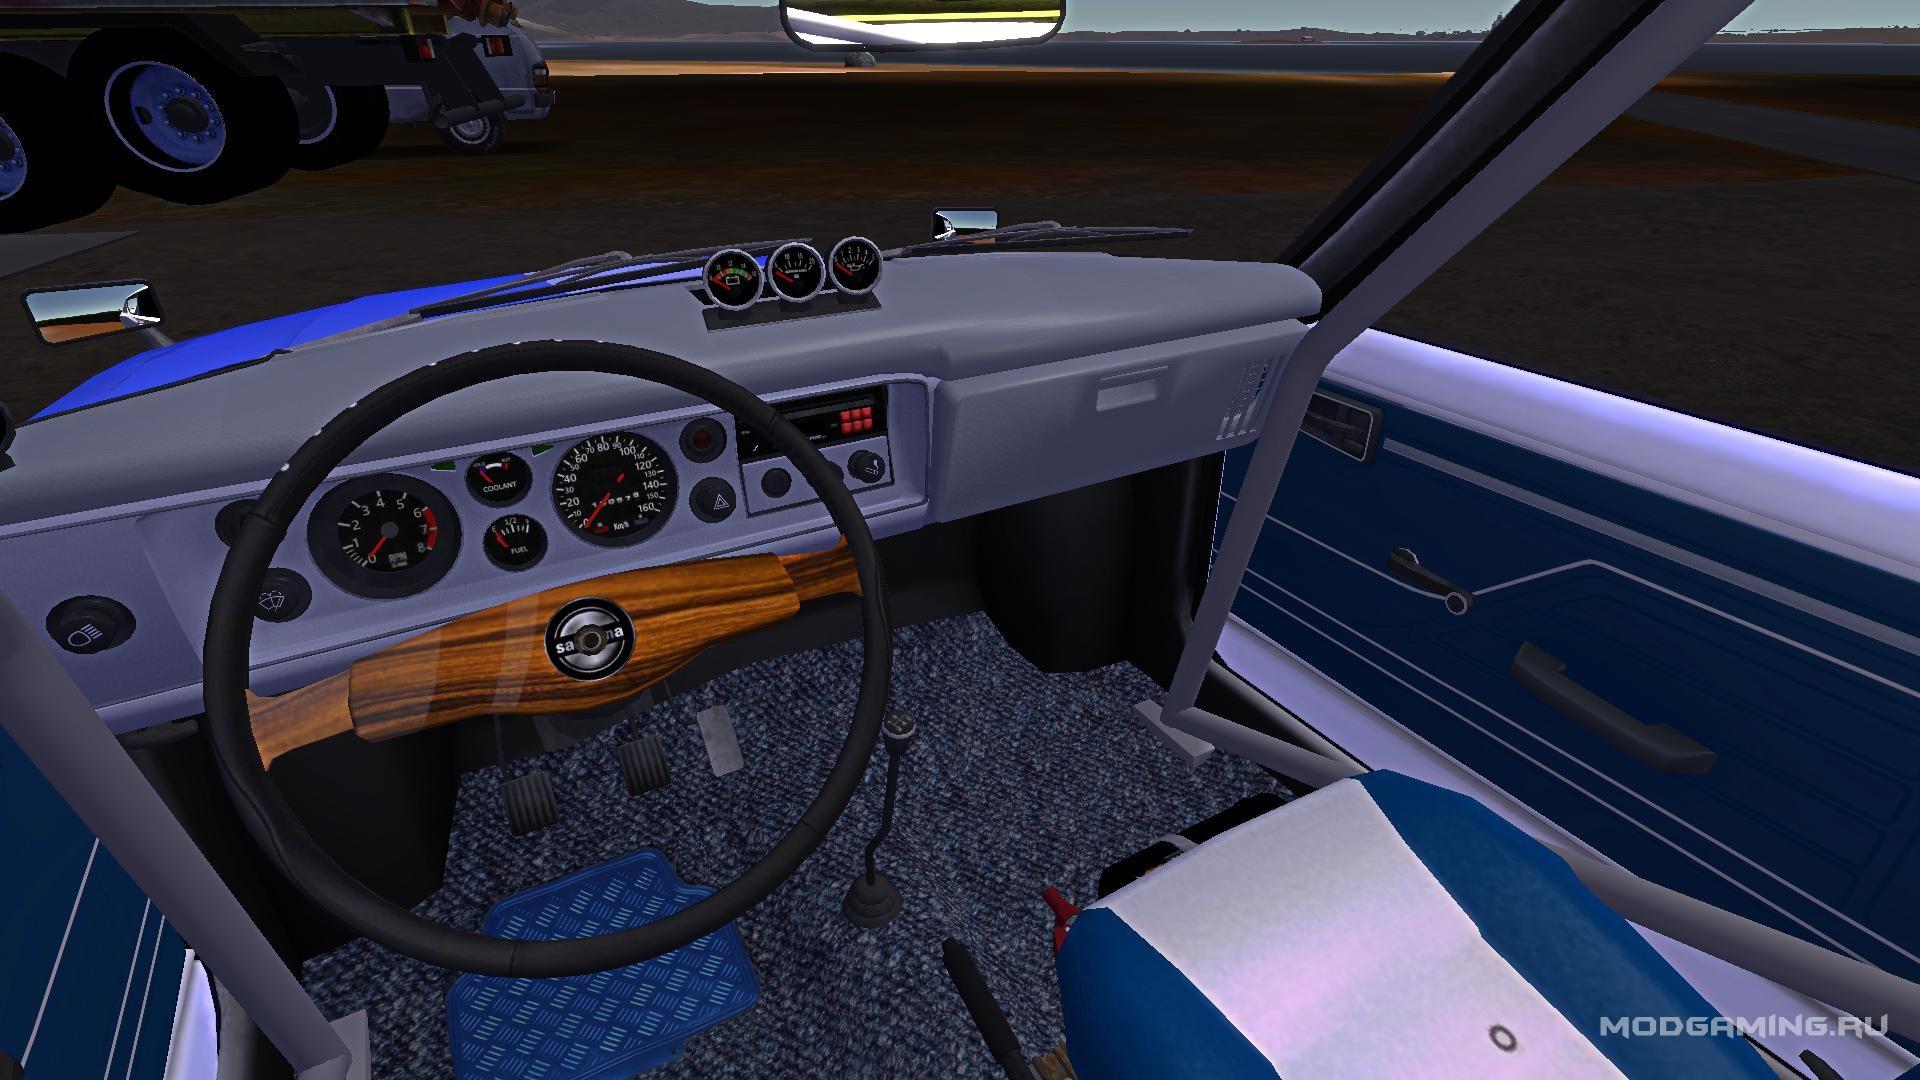 Сине-белый салон Сатсумы. Игра, My Summer Car 5da11d1833c